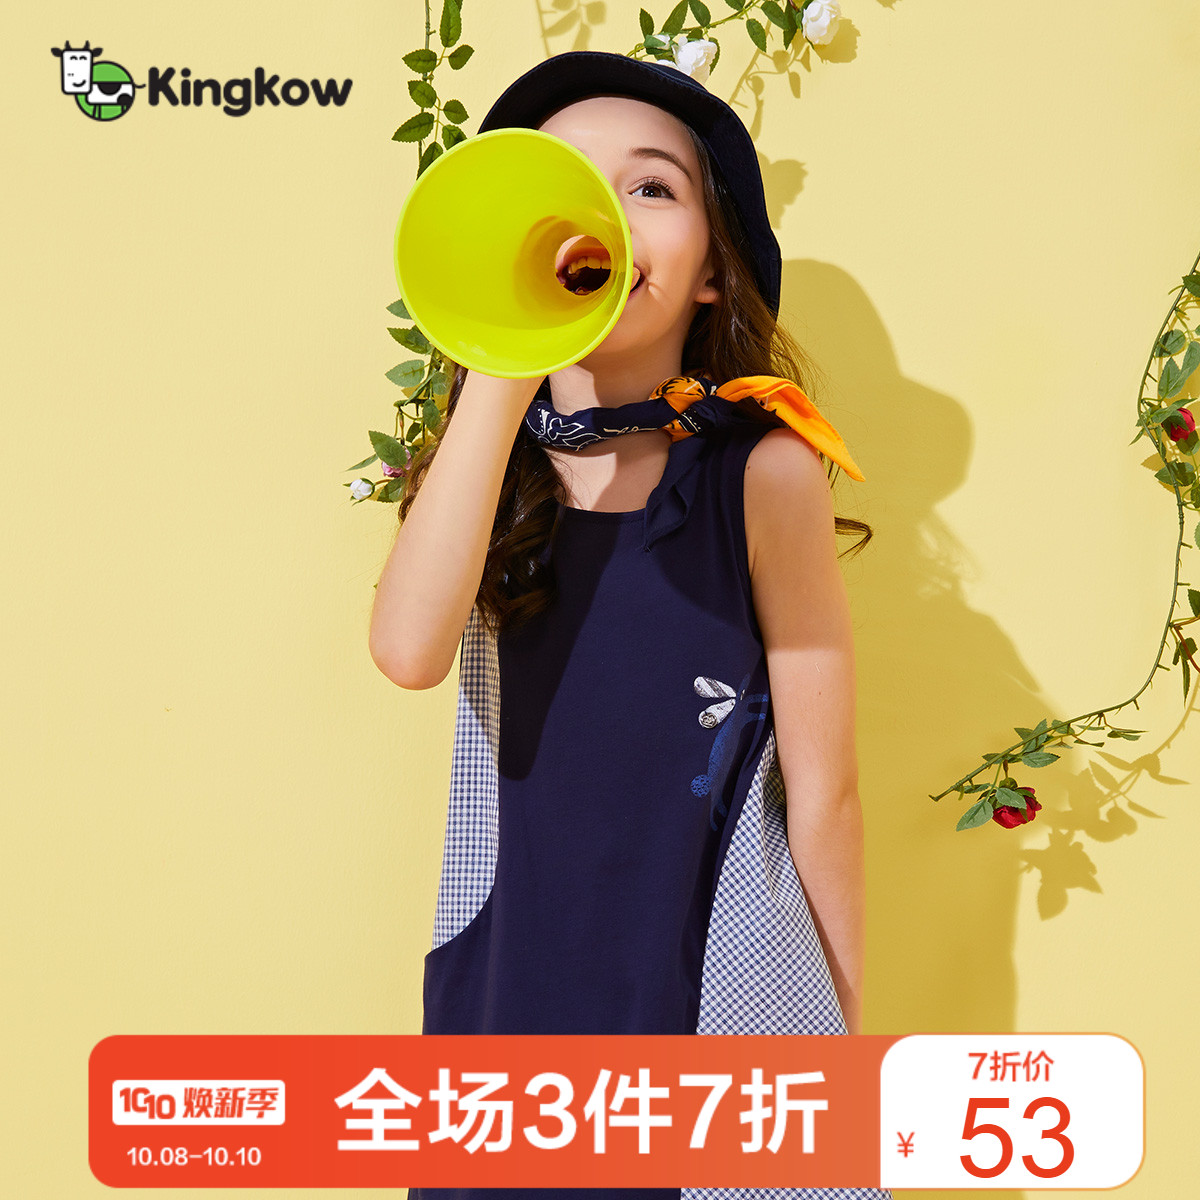 限3000张券kingkow小笑牛女童夏装新款连衣裙